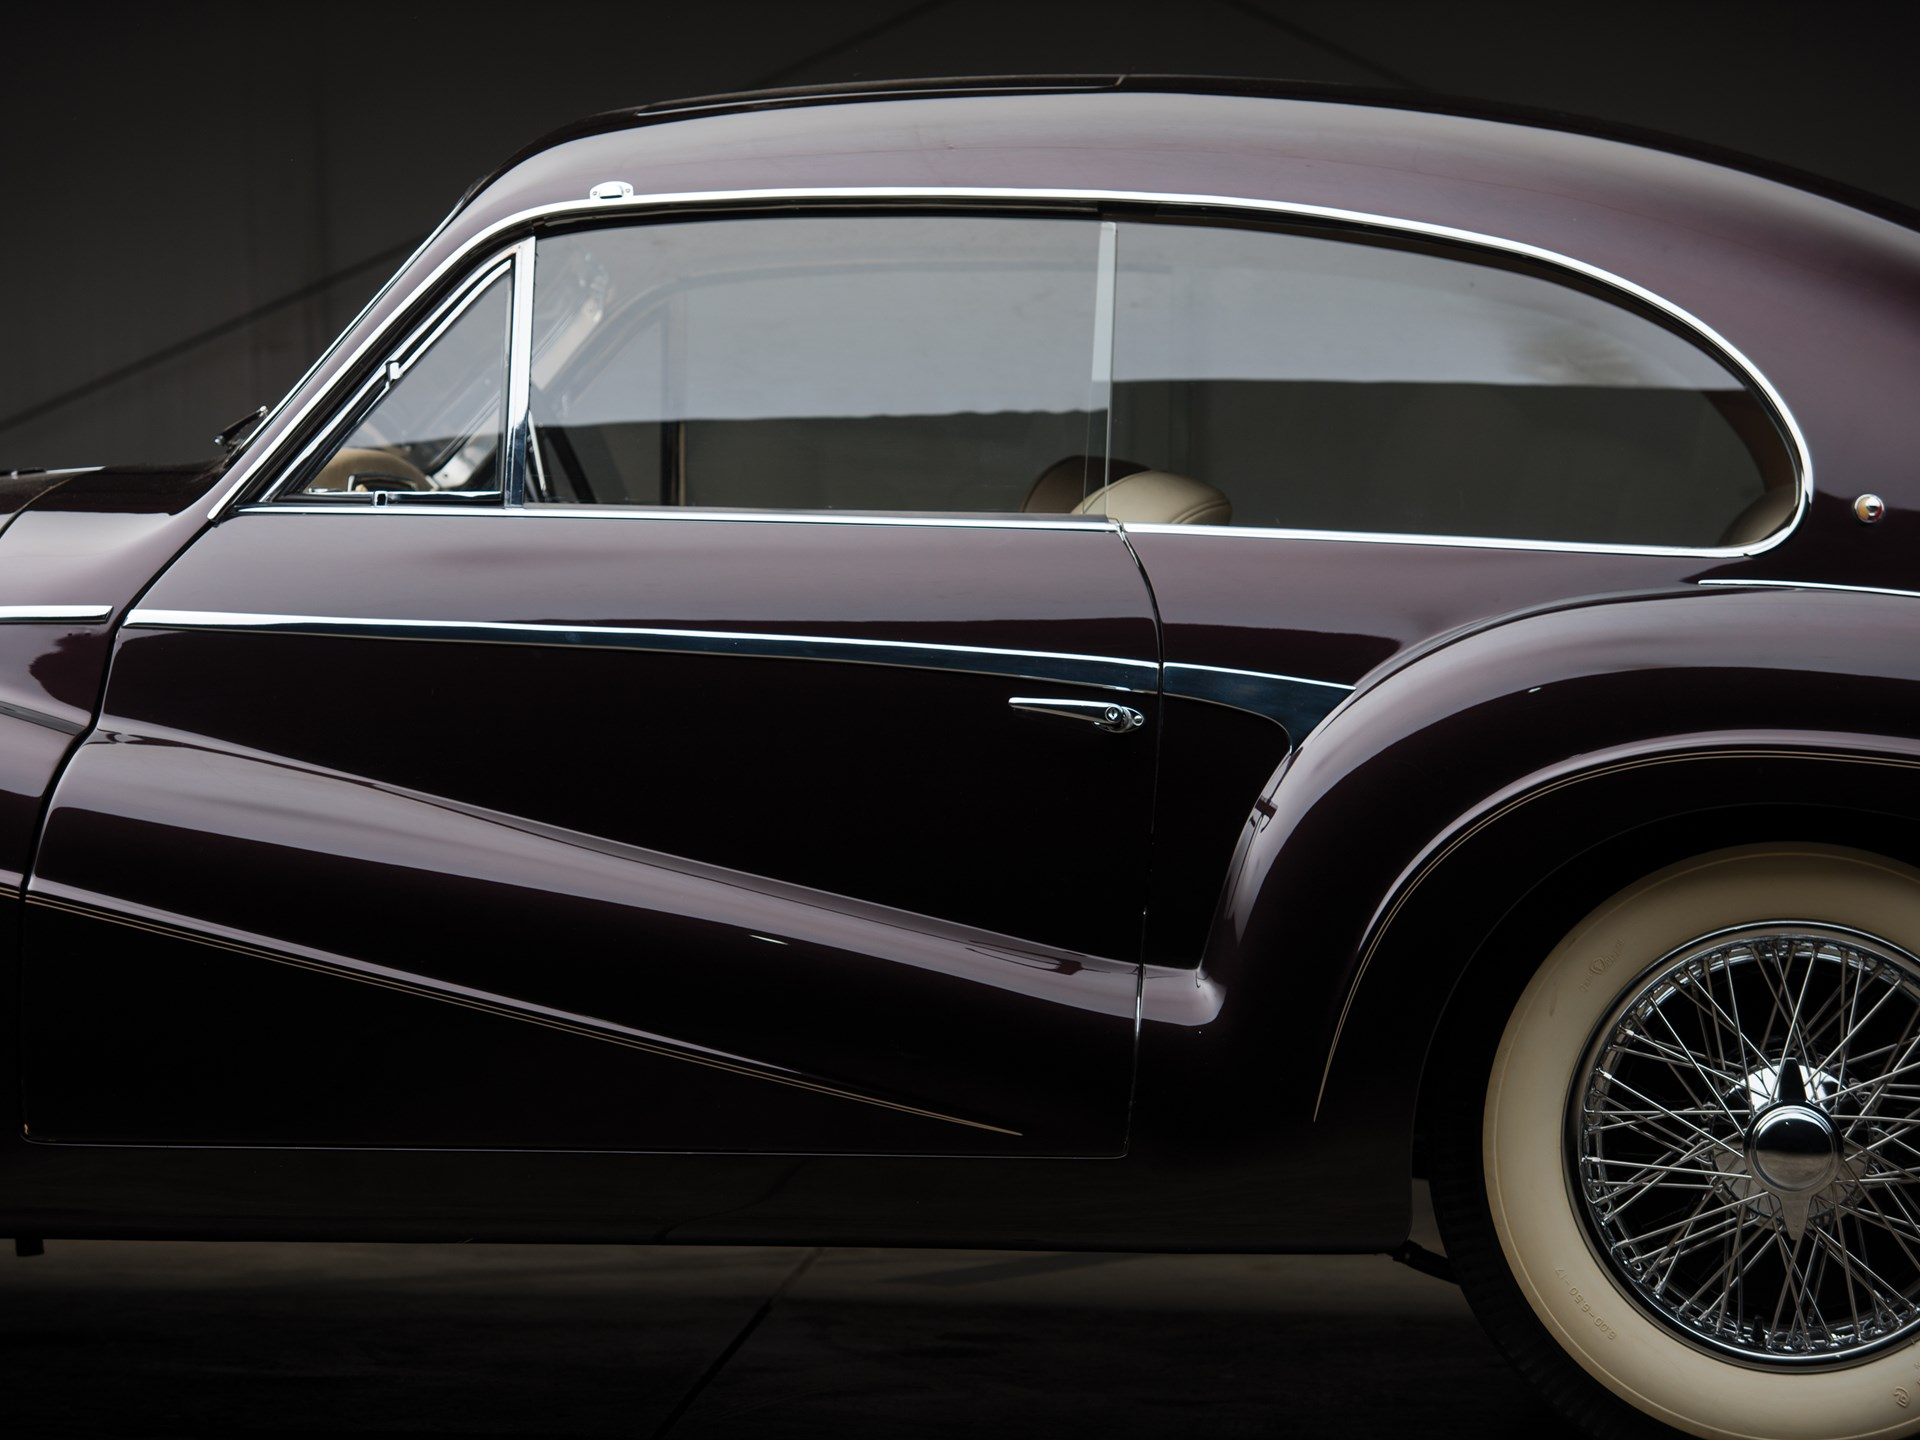 1952 Delahaye 235 Coupe by Saoutchik